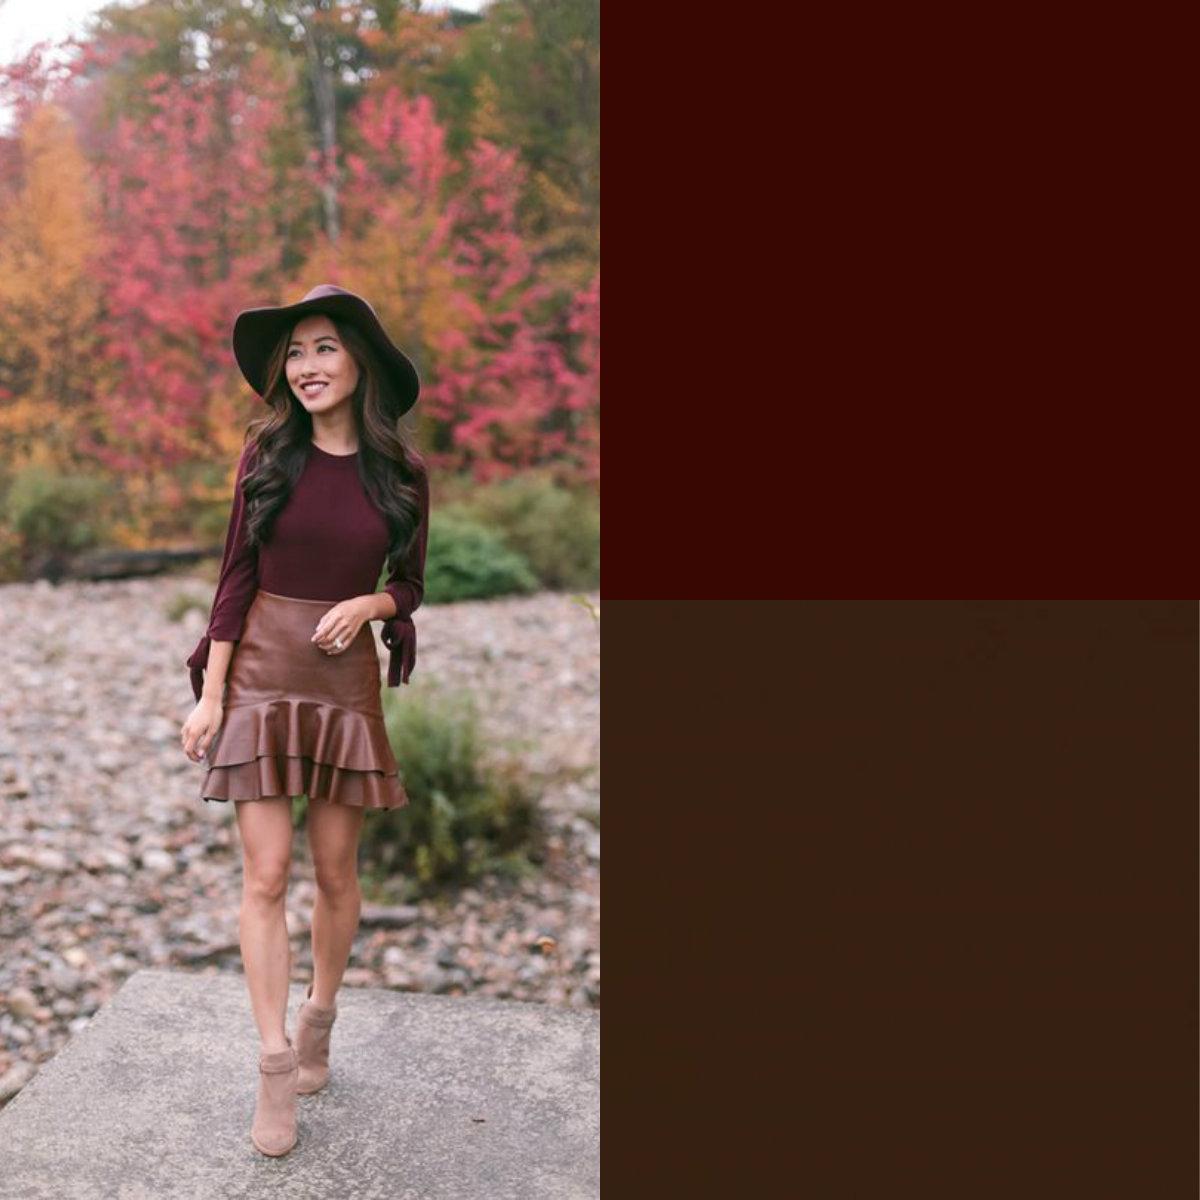 Colori Da Abbinare Al Rosa come abbinare i colori? ecco tutte le combinazioni possibili!